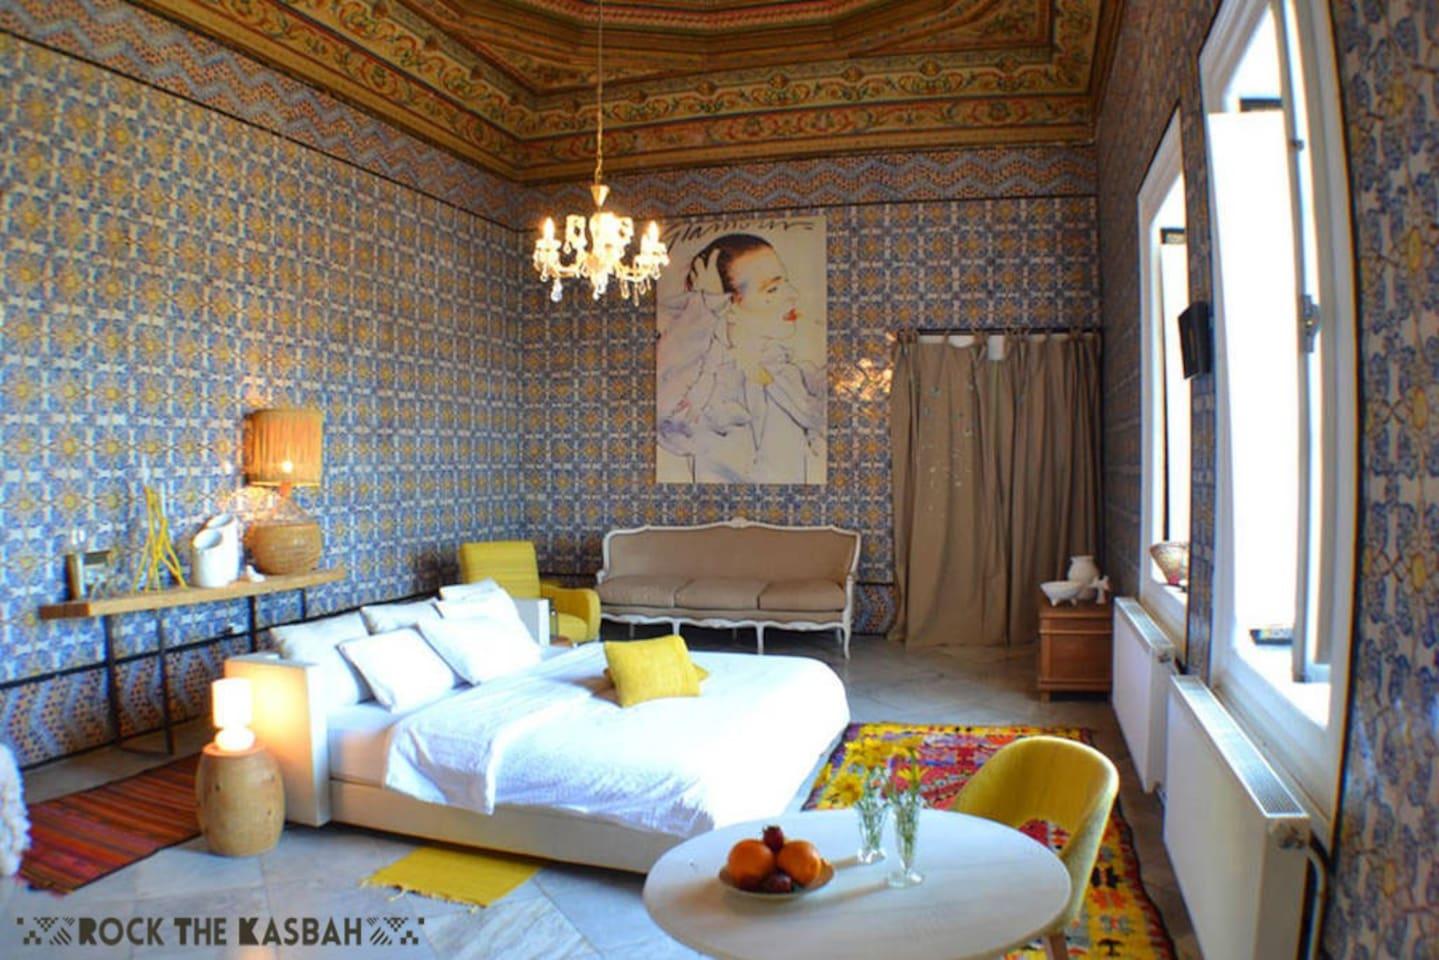 Suite principale de 45m2 pour 3 personnes, 90 euros la nuitée, avec chauffage central,climatisation, TV LCD,frigo...